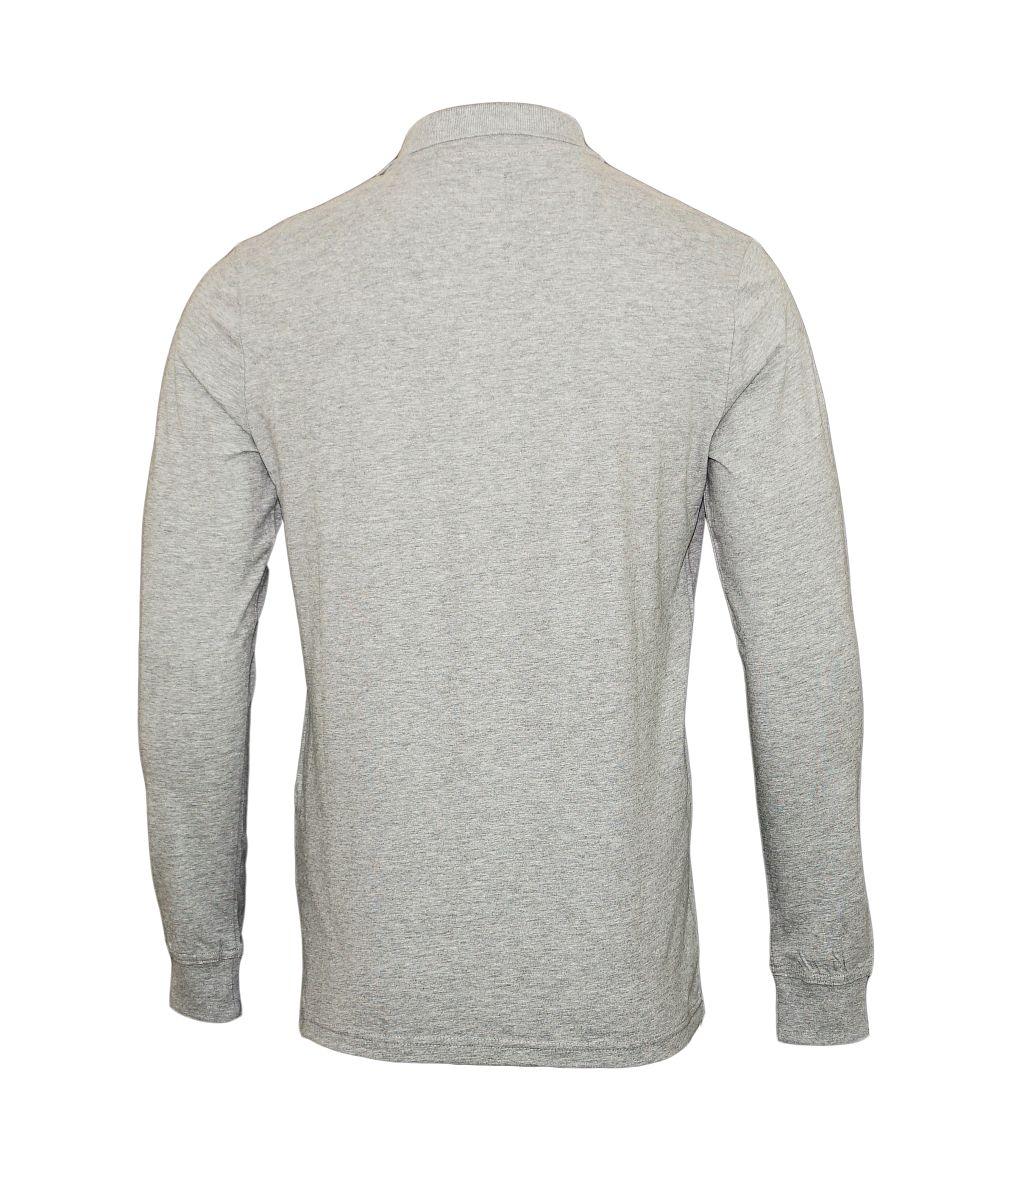 Daniel Hechter Longsleeve Poloshirt 75003 172900 910 grau SH17-DHL1